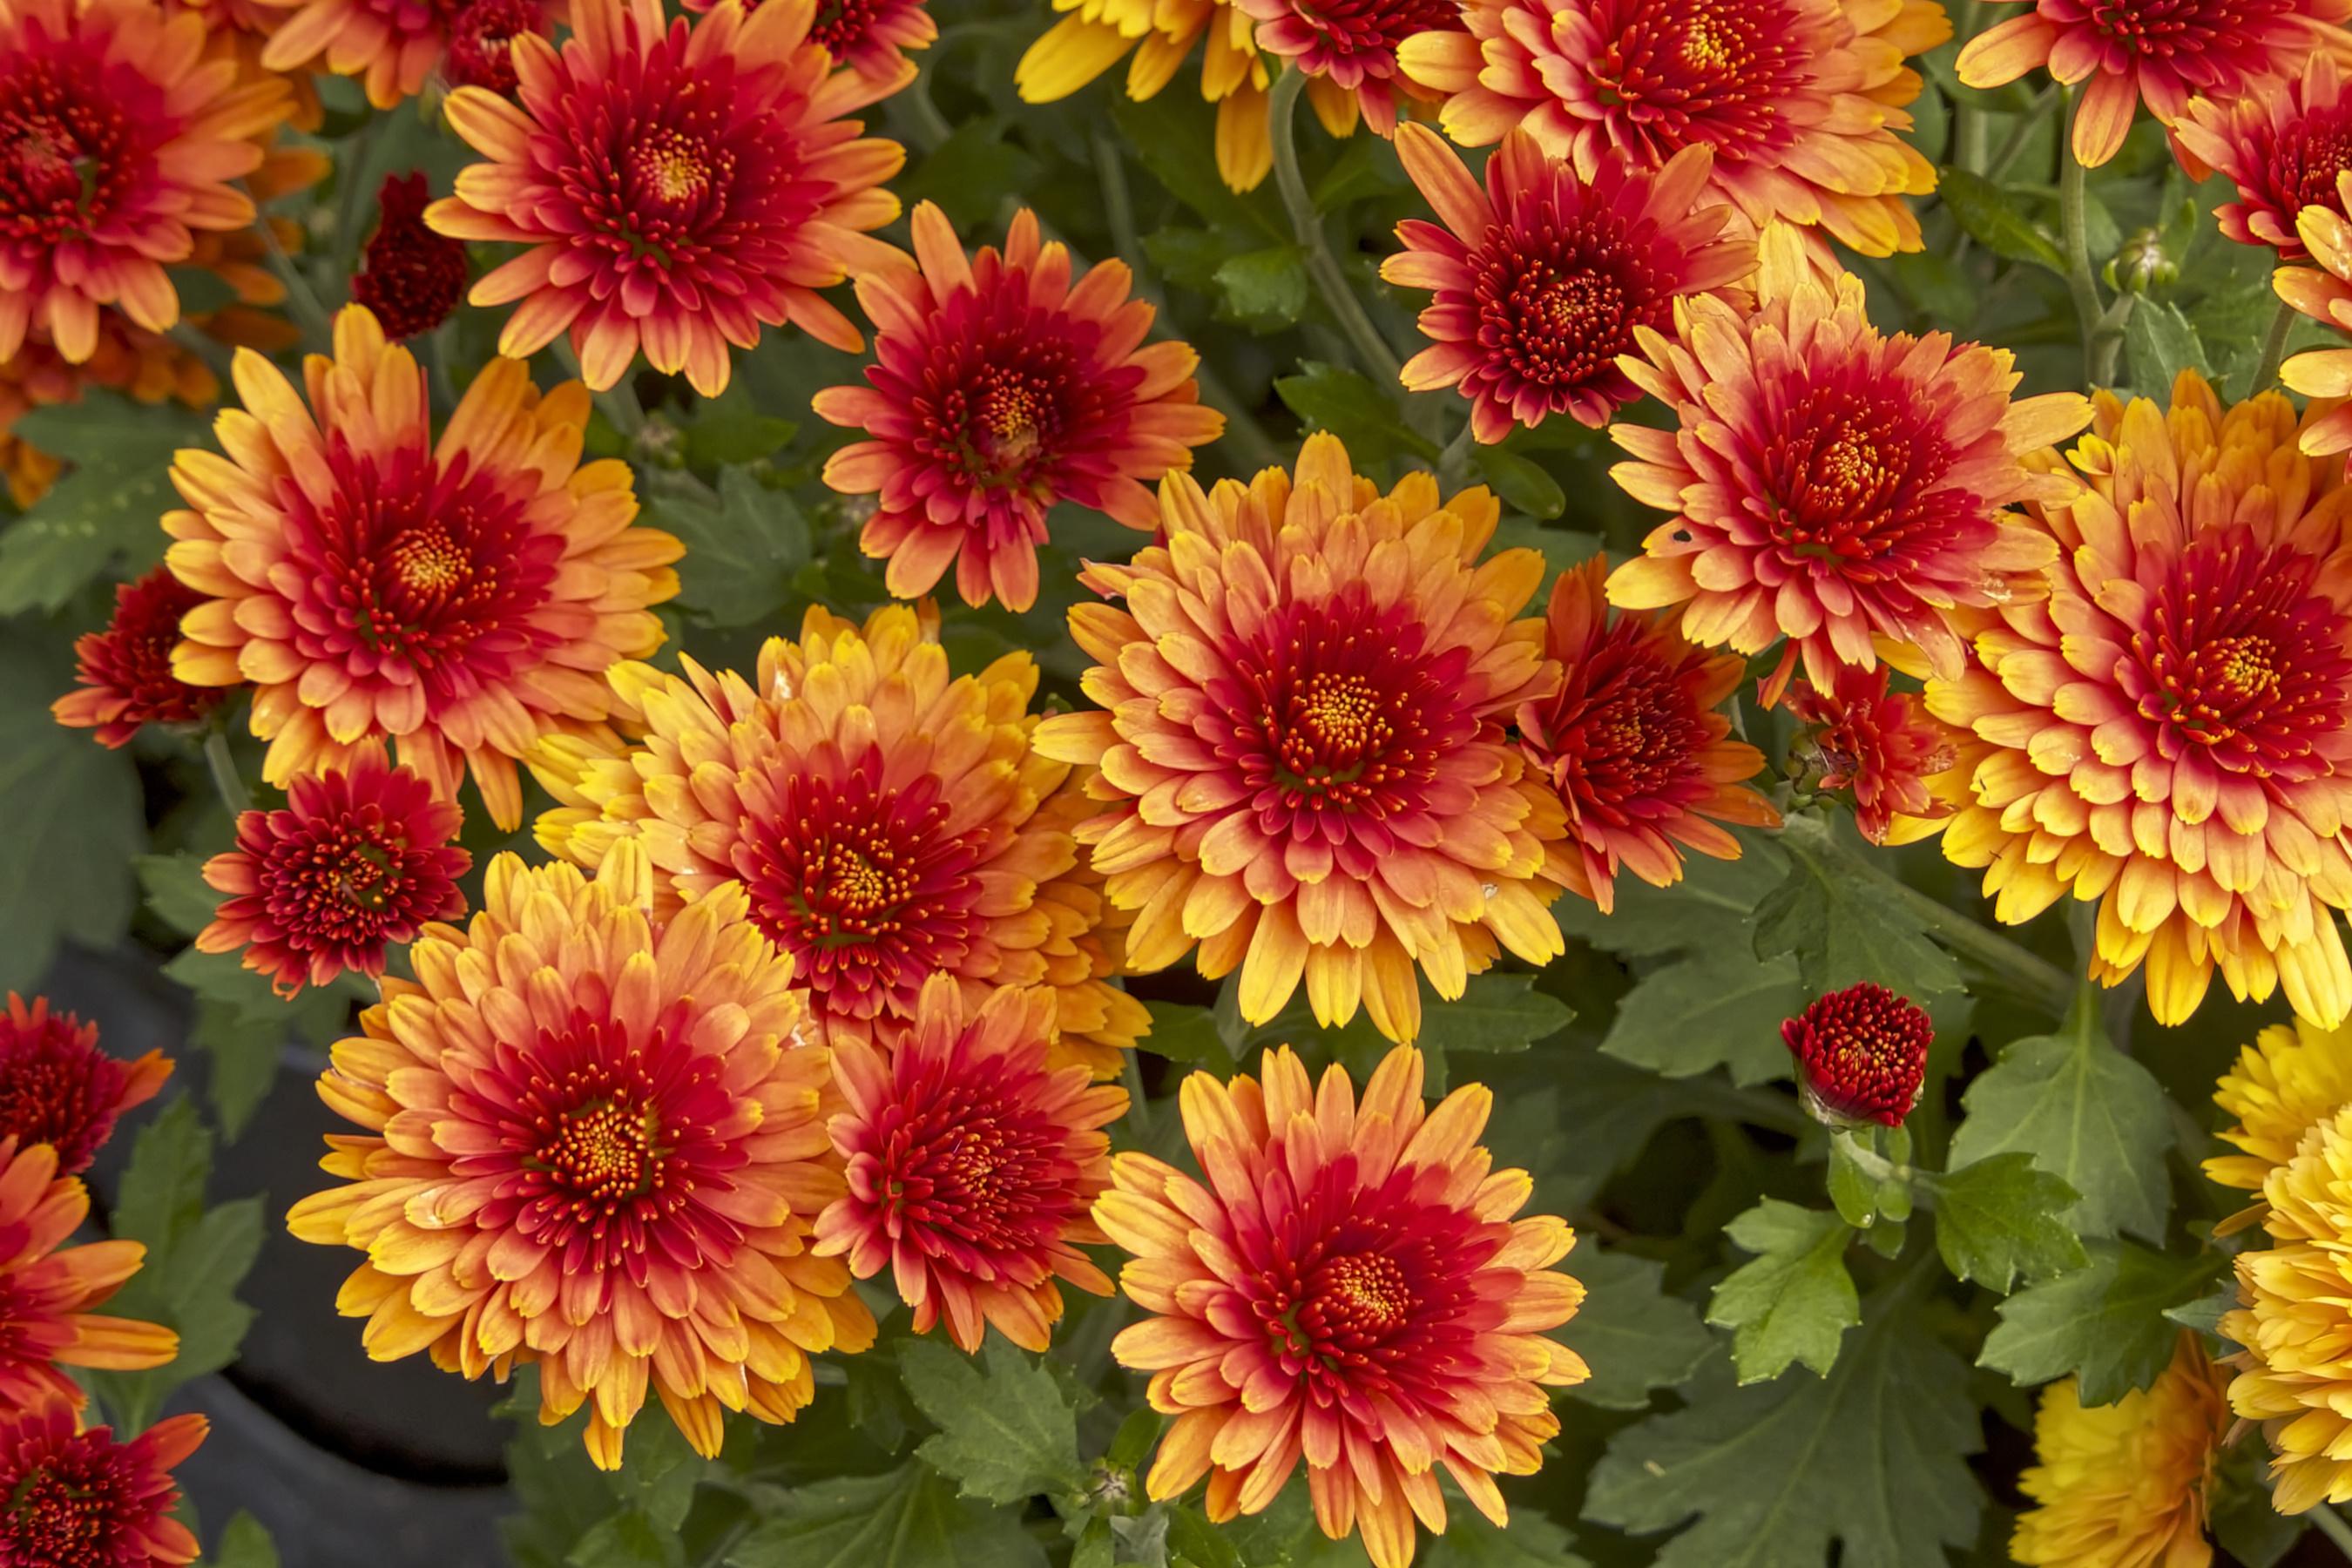 позволяет бывают ли красные хризантемы фото десен это